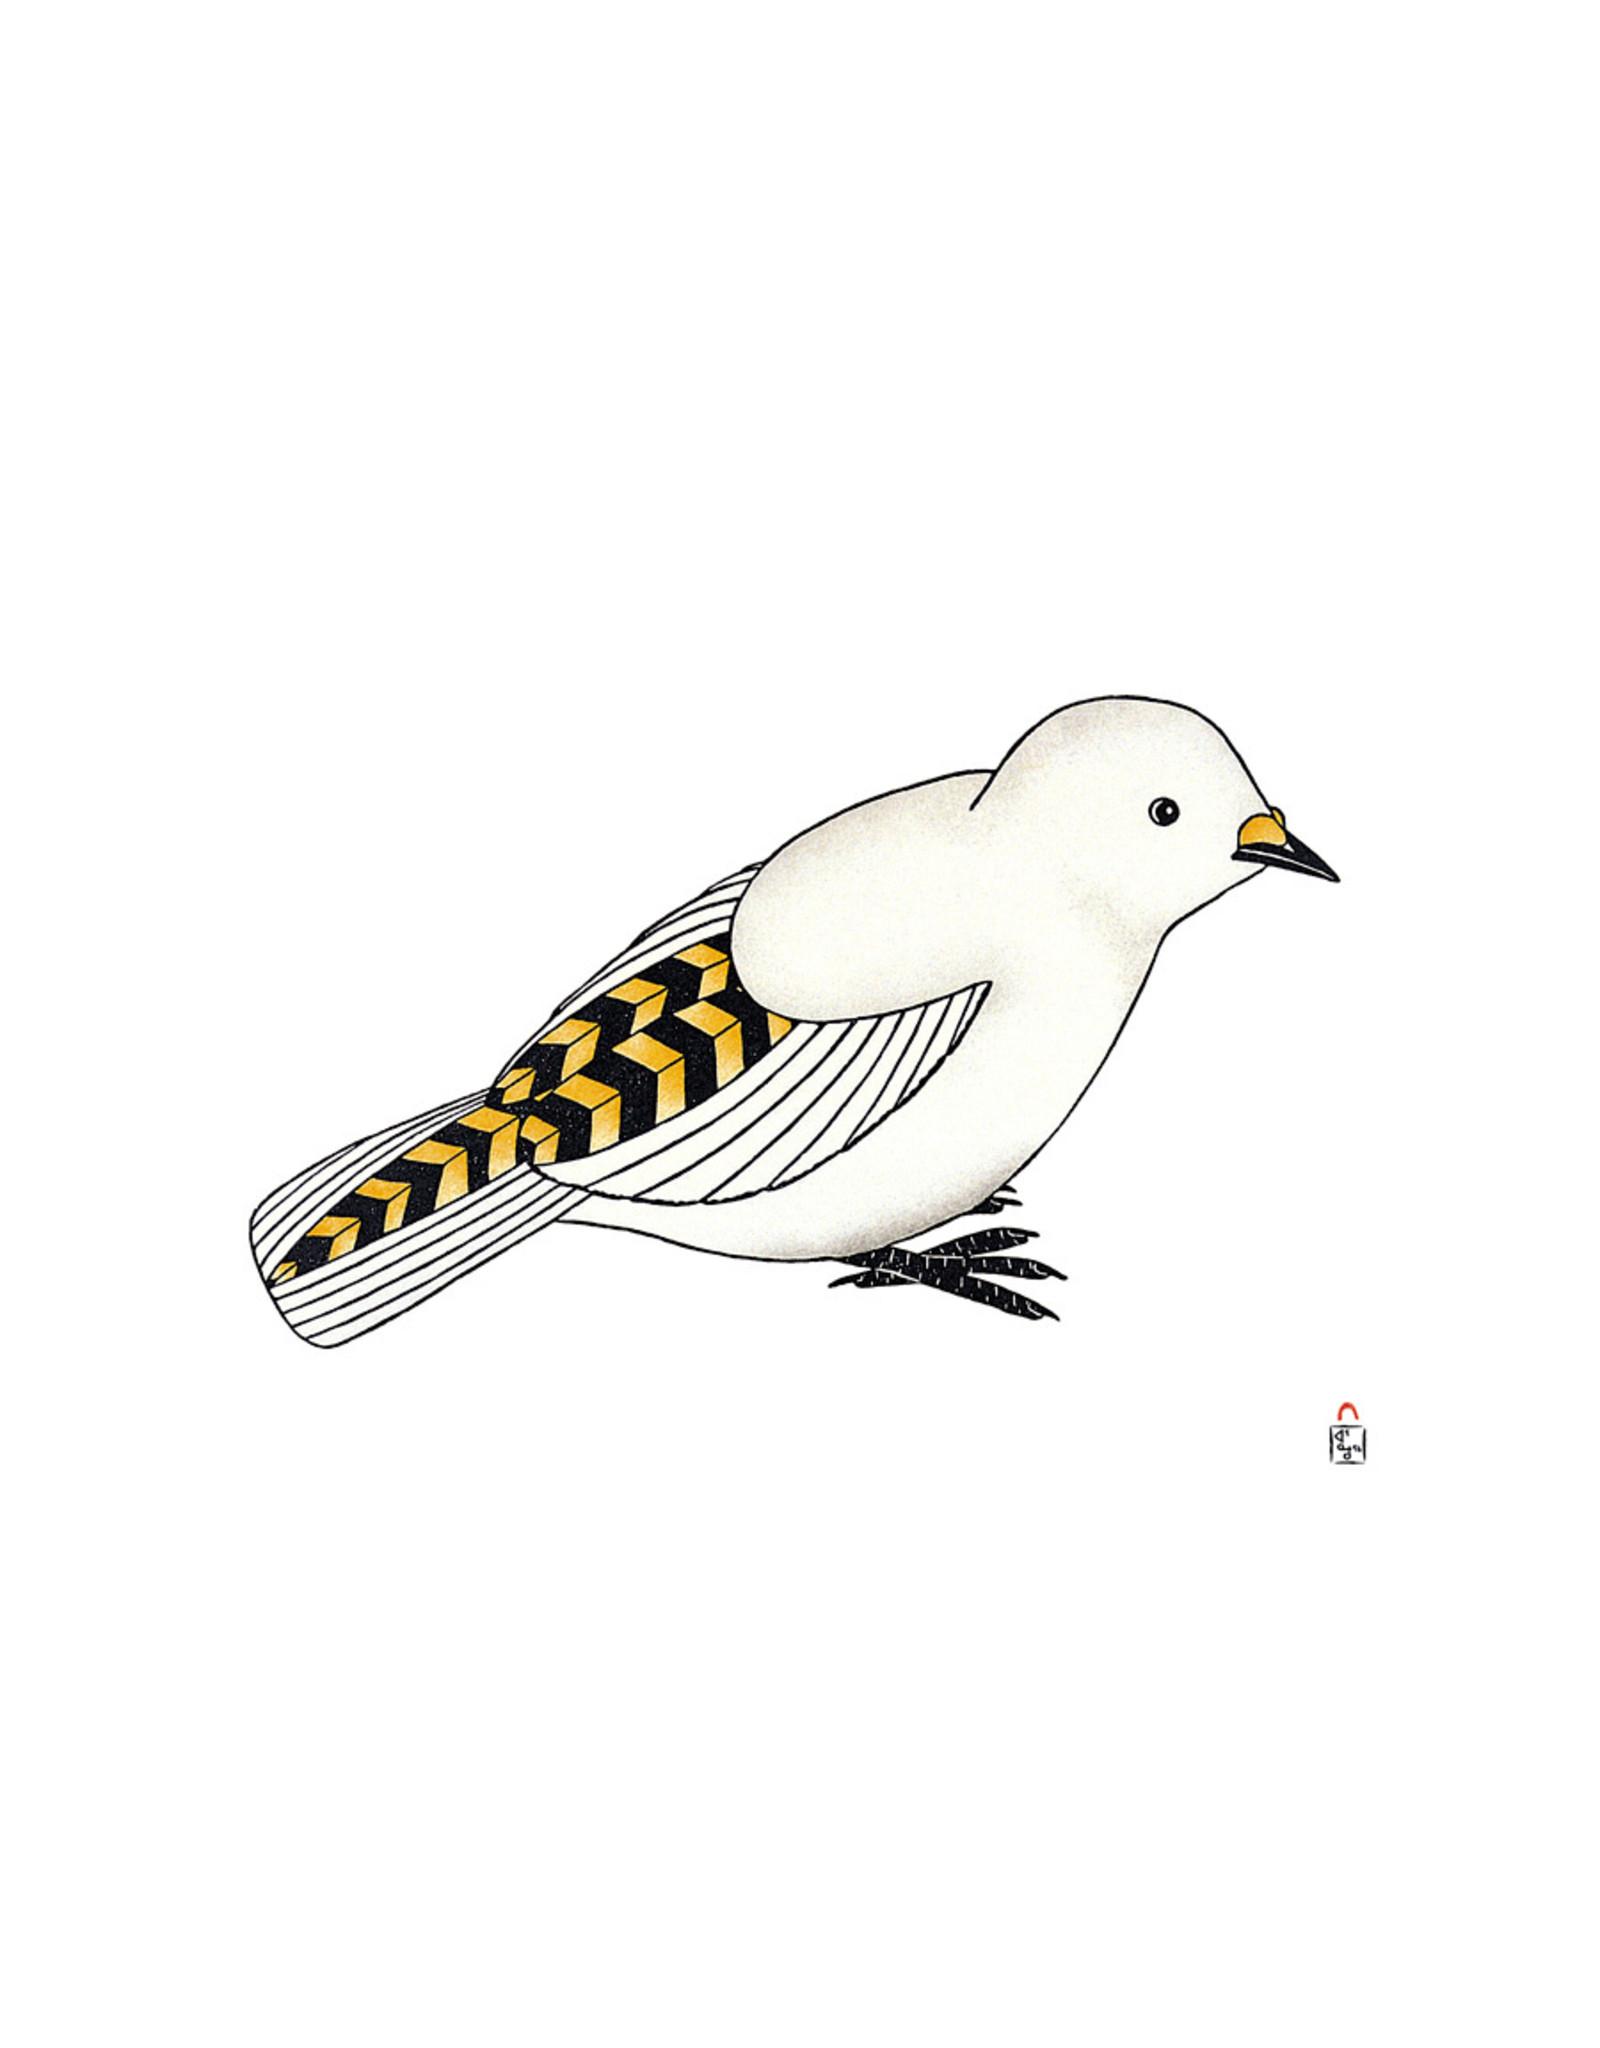 Cape Dorset Art Card: Qupanuaq  (Snow Bunting)